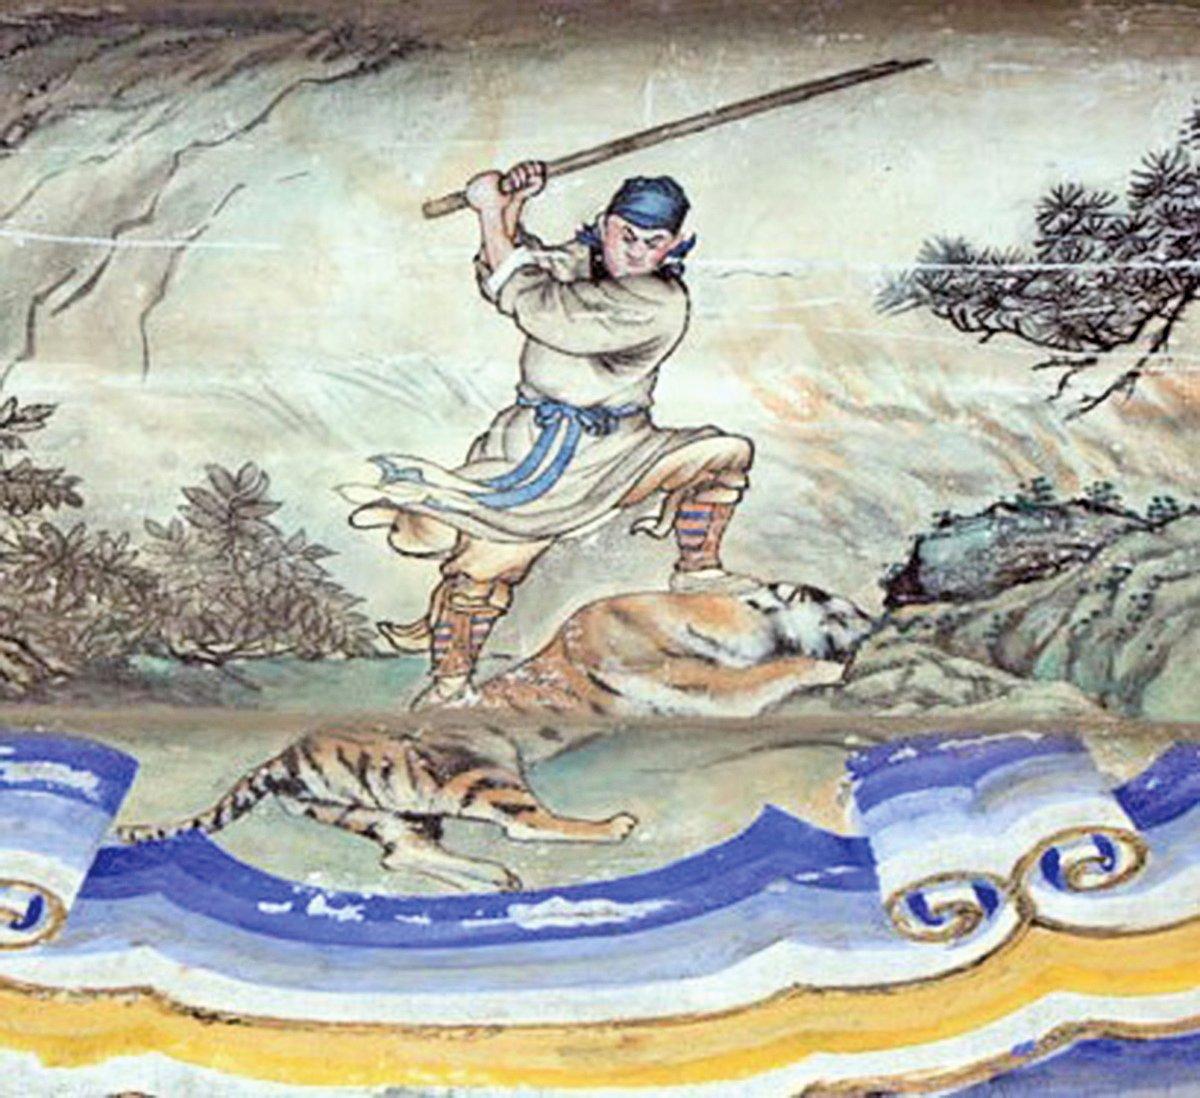 武松打虎(維基百科)